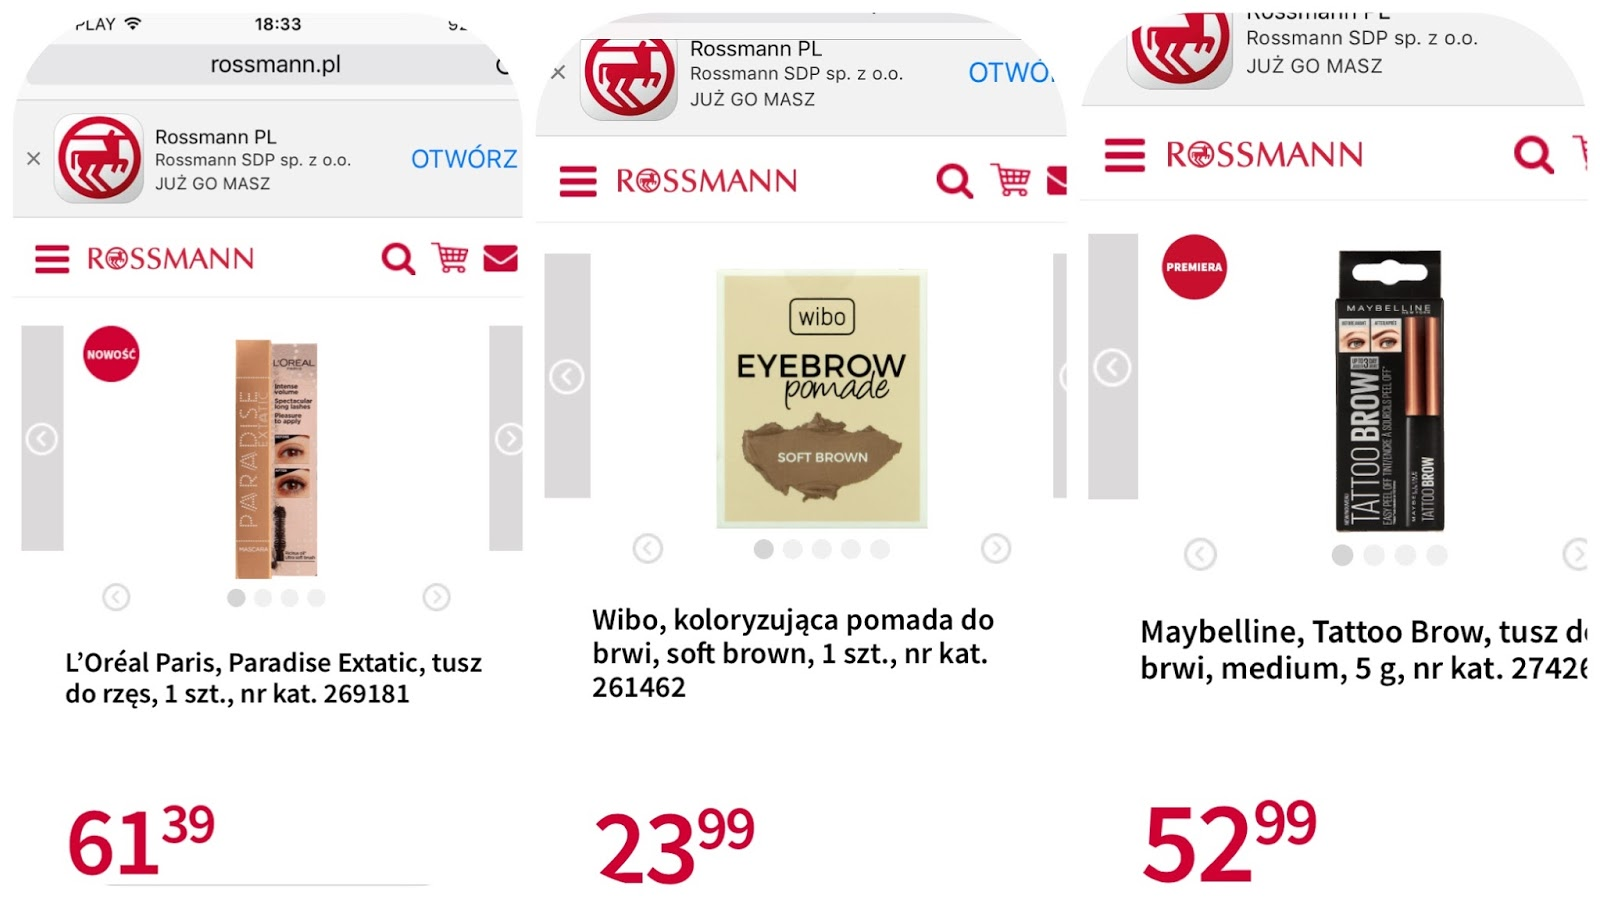 Rossmann -55% zdjęcie pomysłu na zakupy